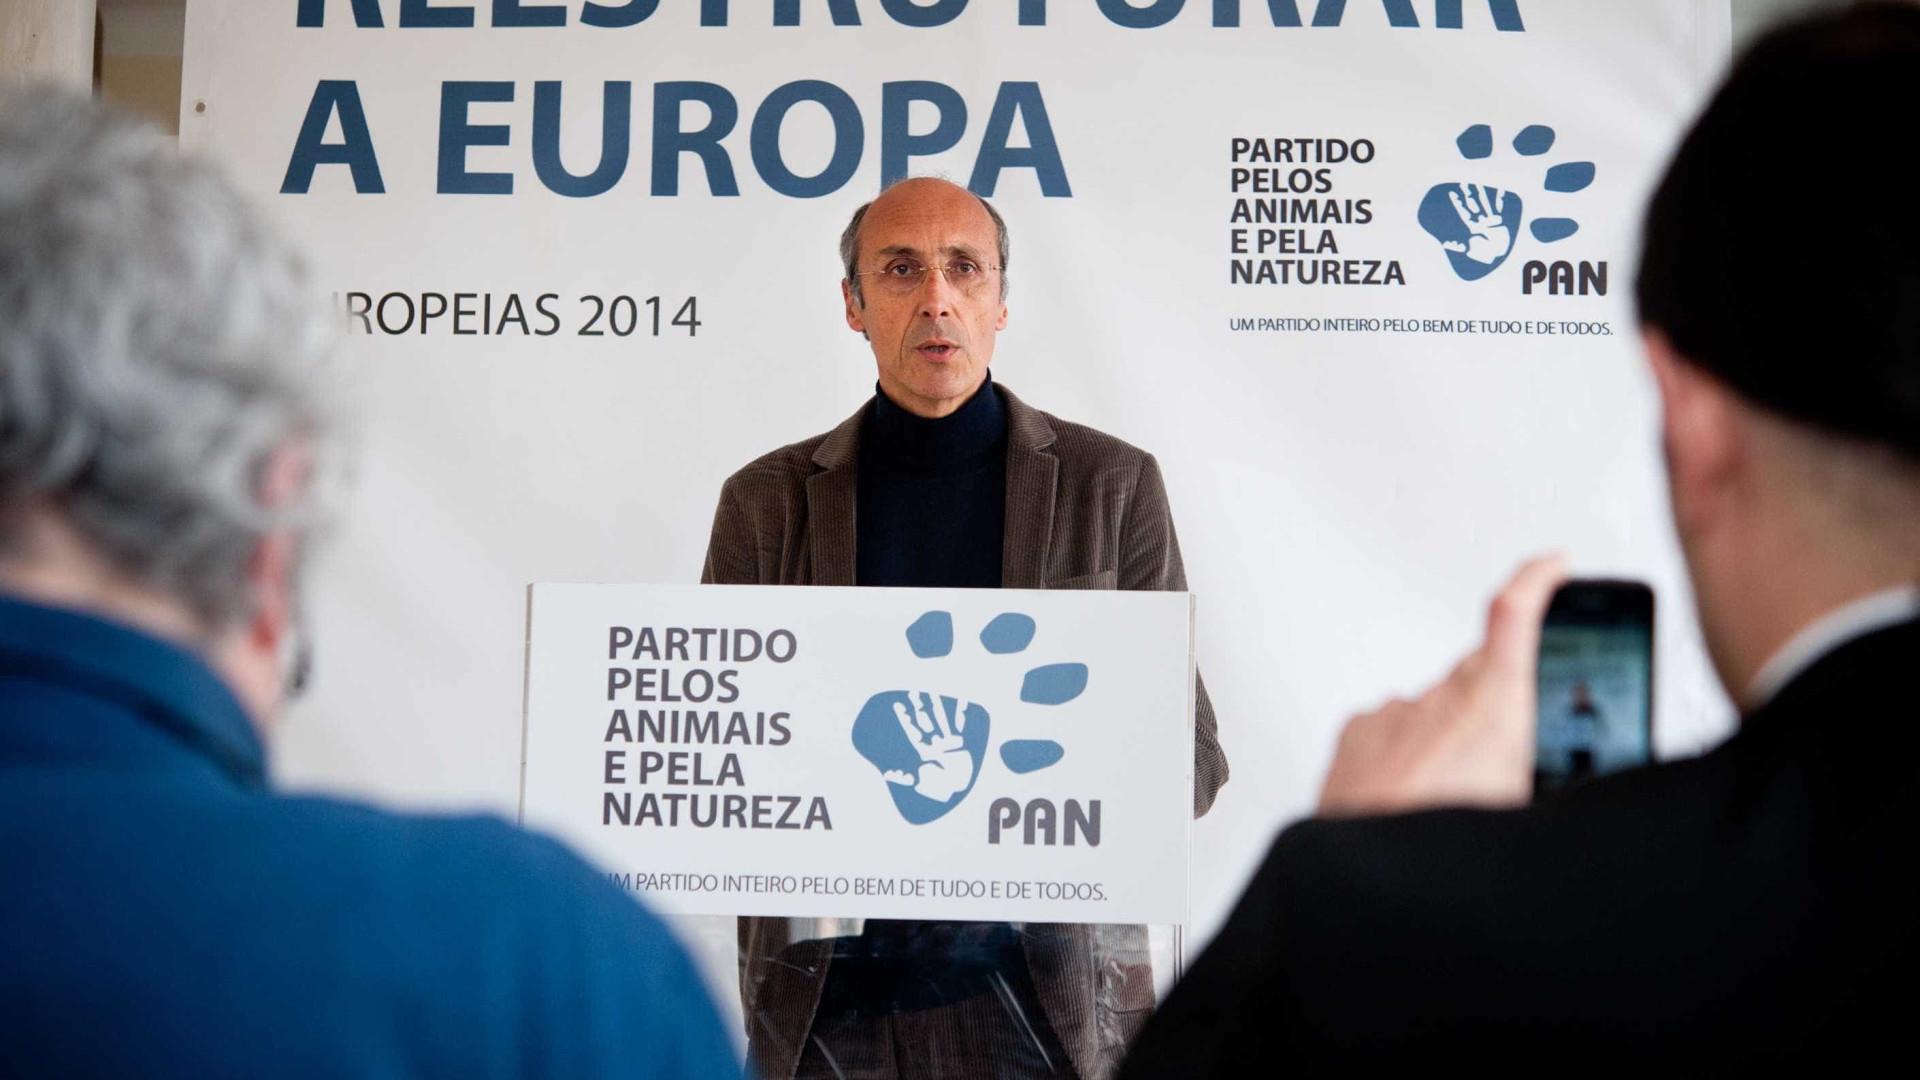 Há um novo candidato às presidenciais: Paulo Borges, ex-PAN